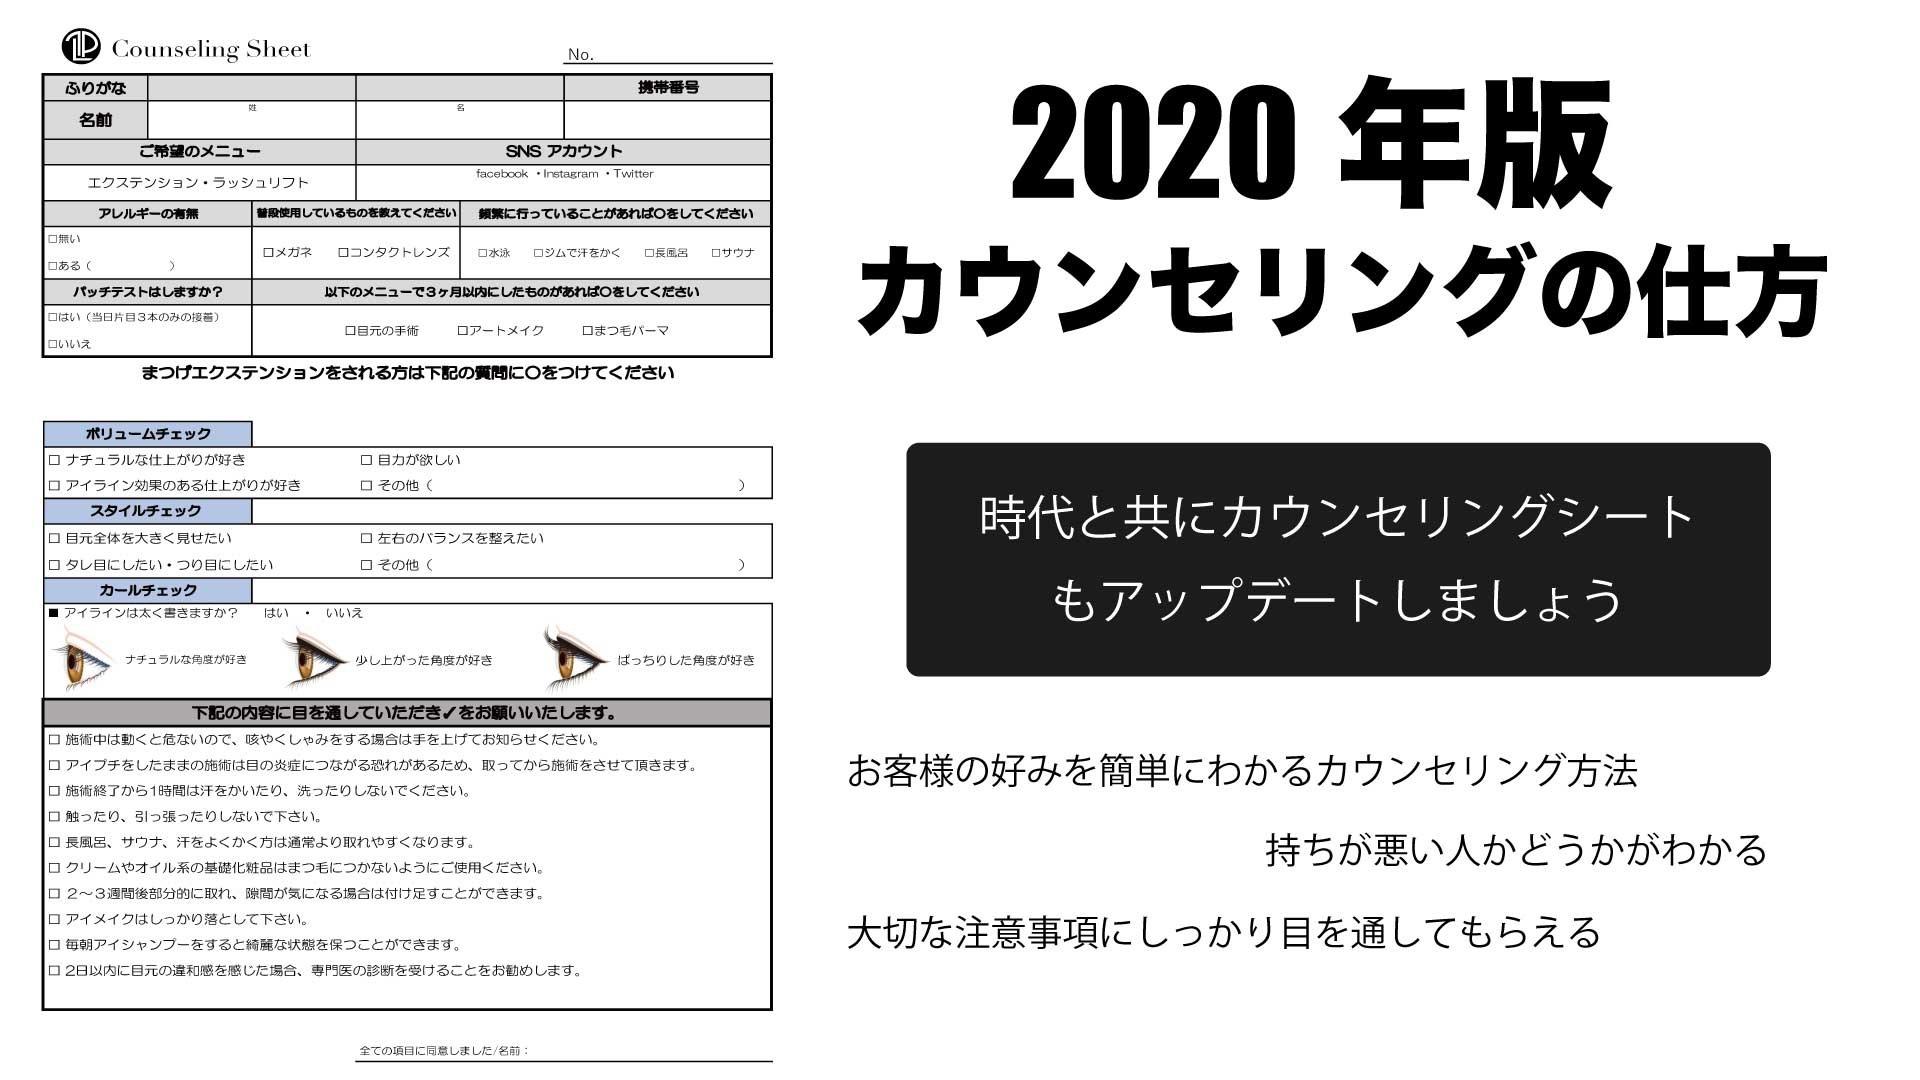 2020年版カウンセリング方法